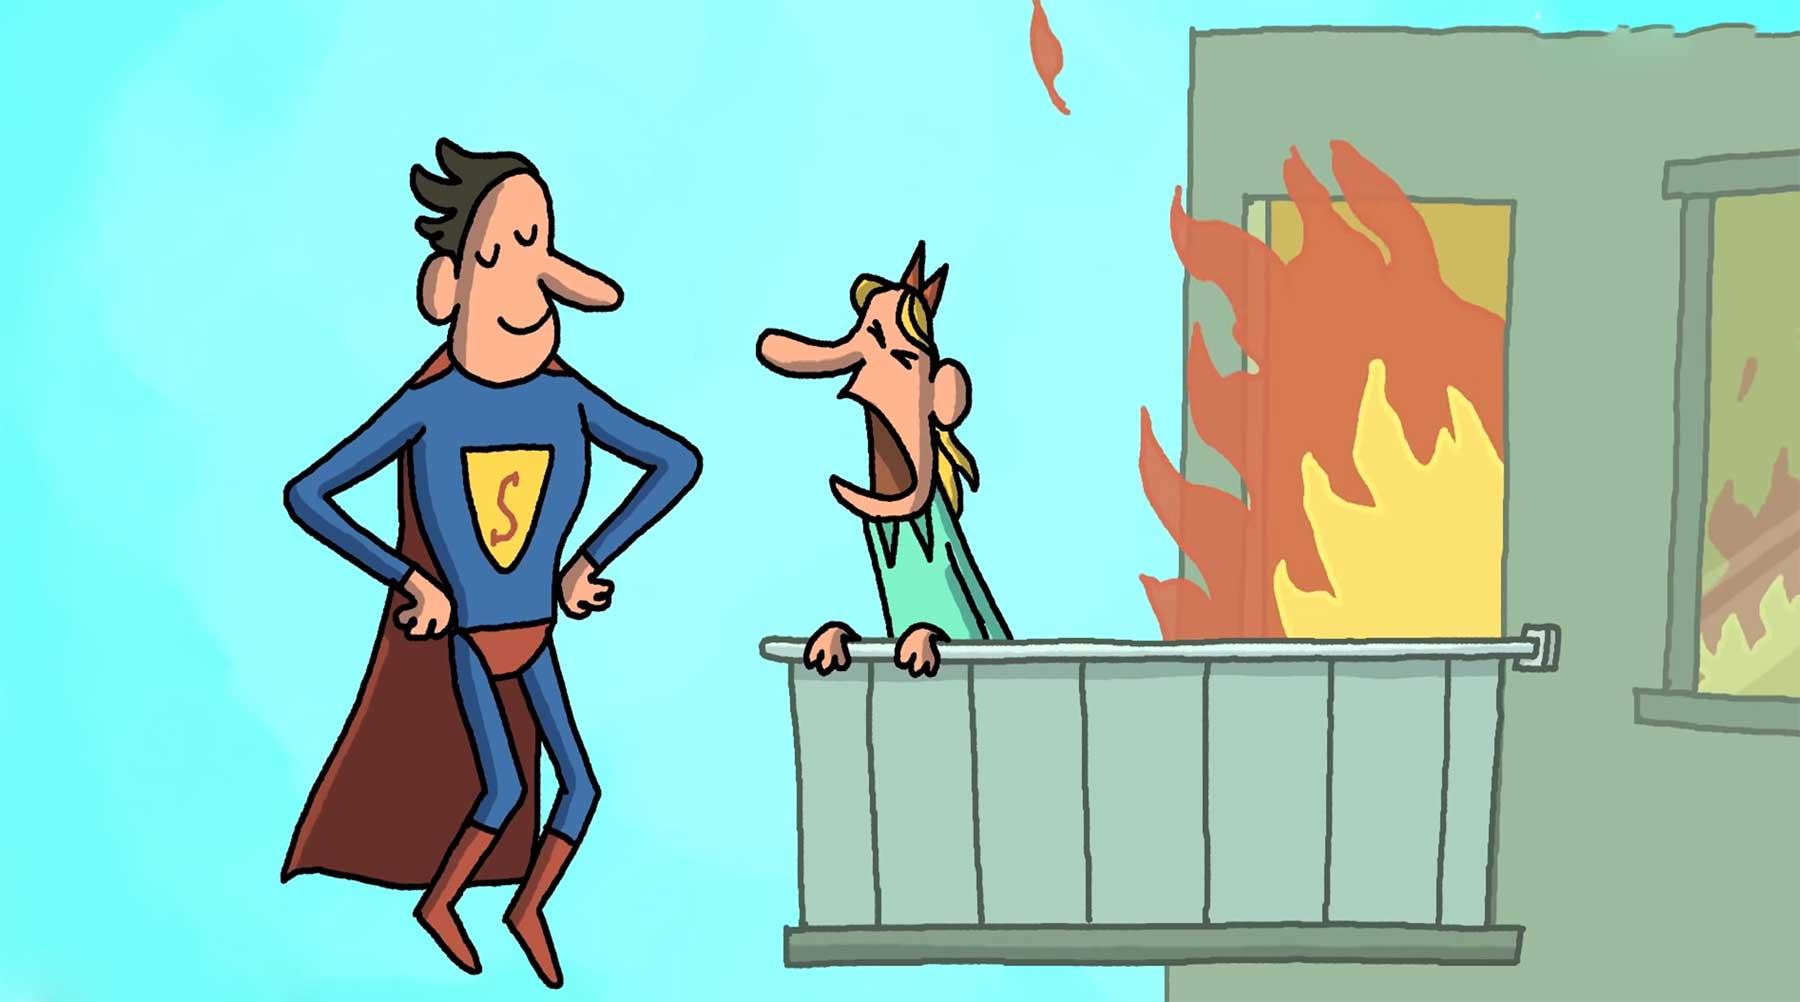 Superman und das brennende Hochhaus superman-cartoon-sketch-brennendes-haus